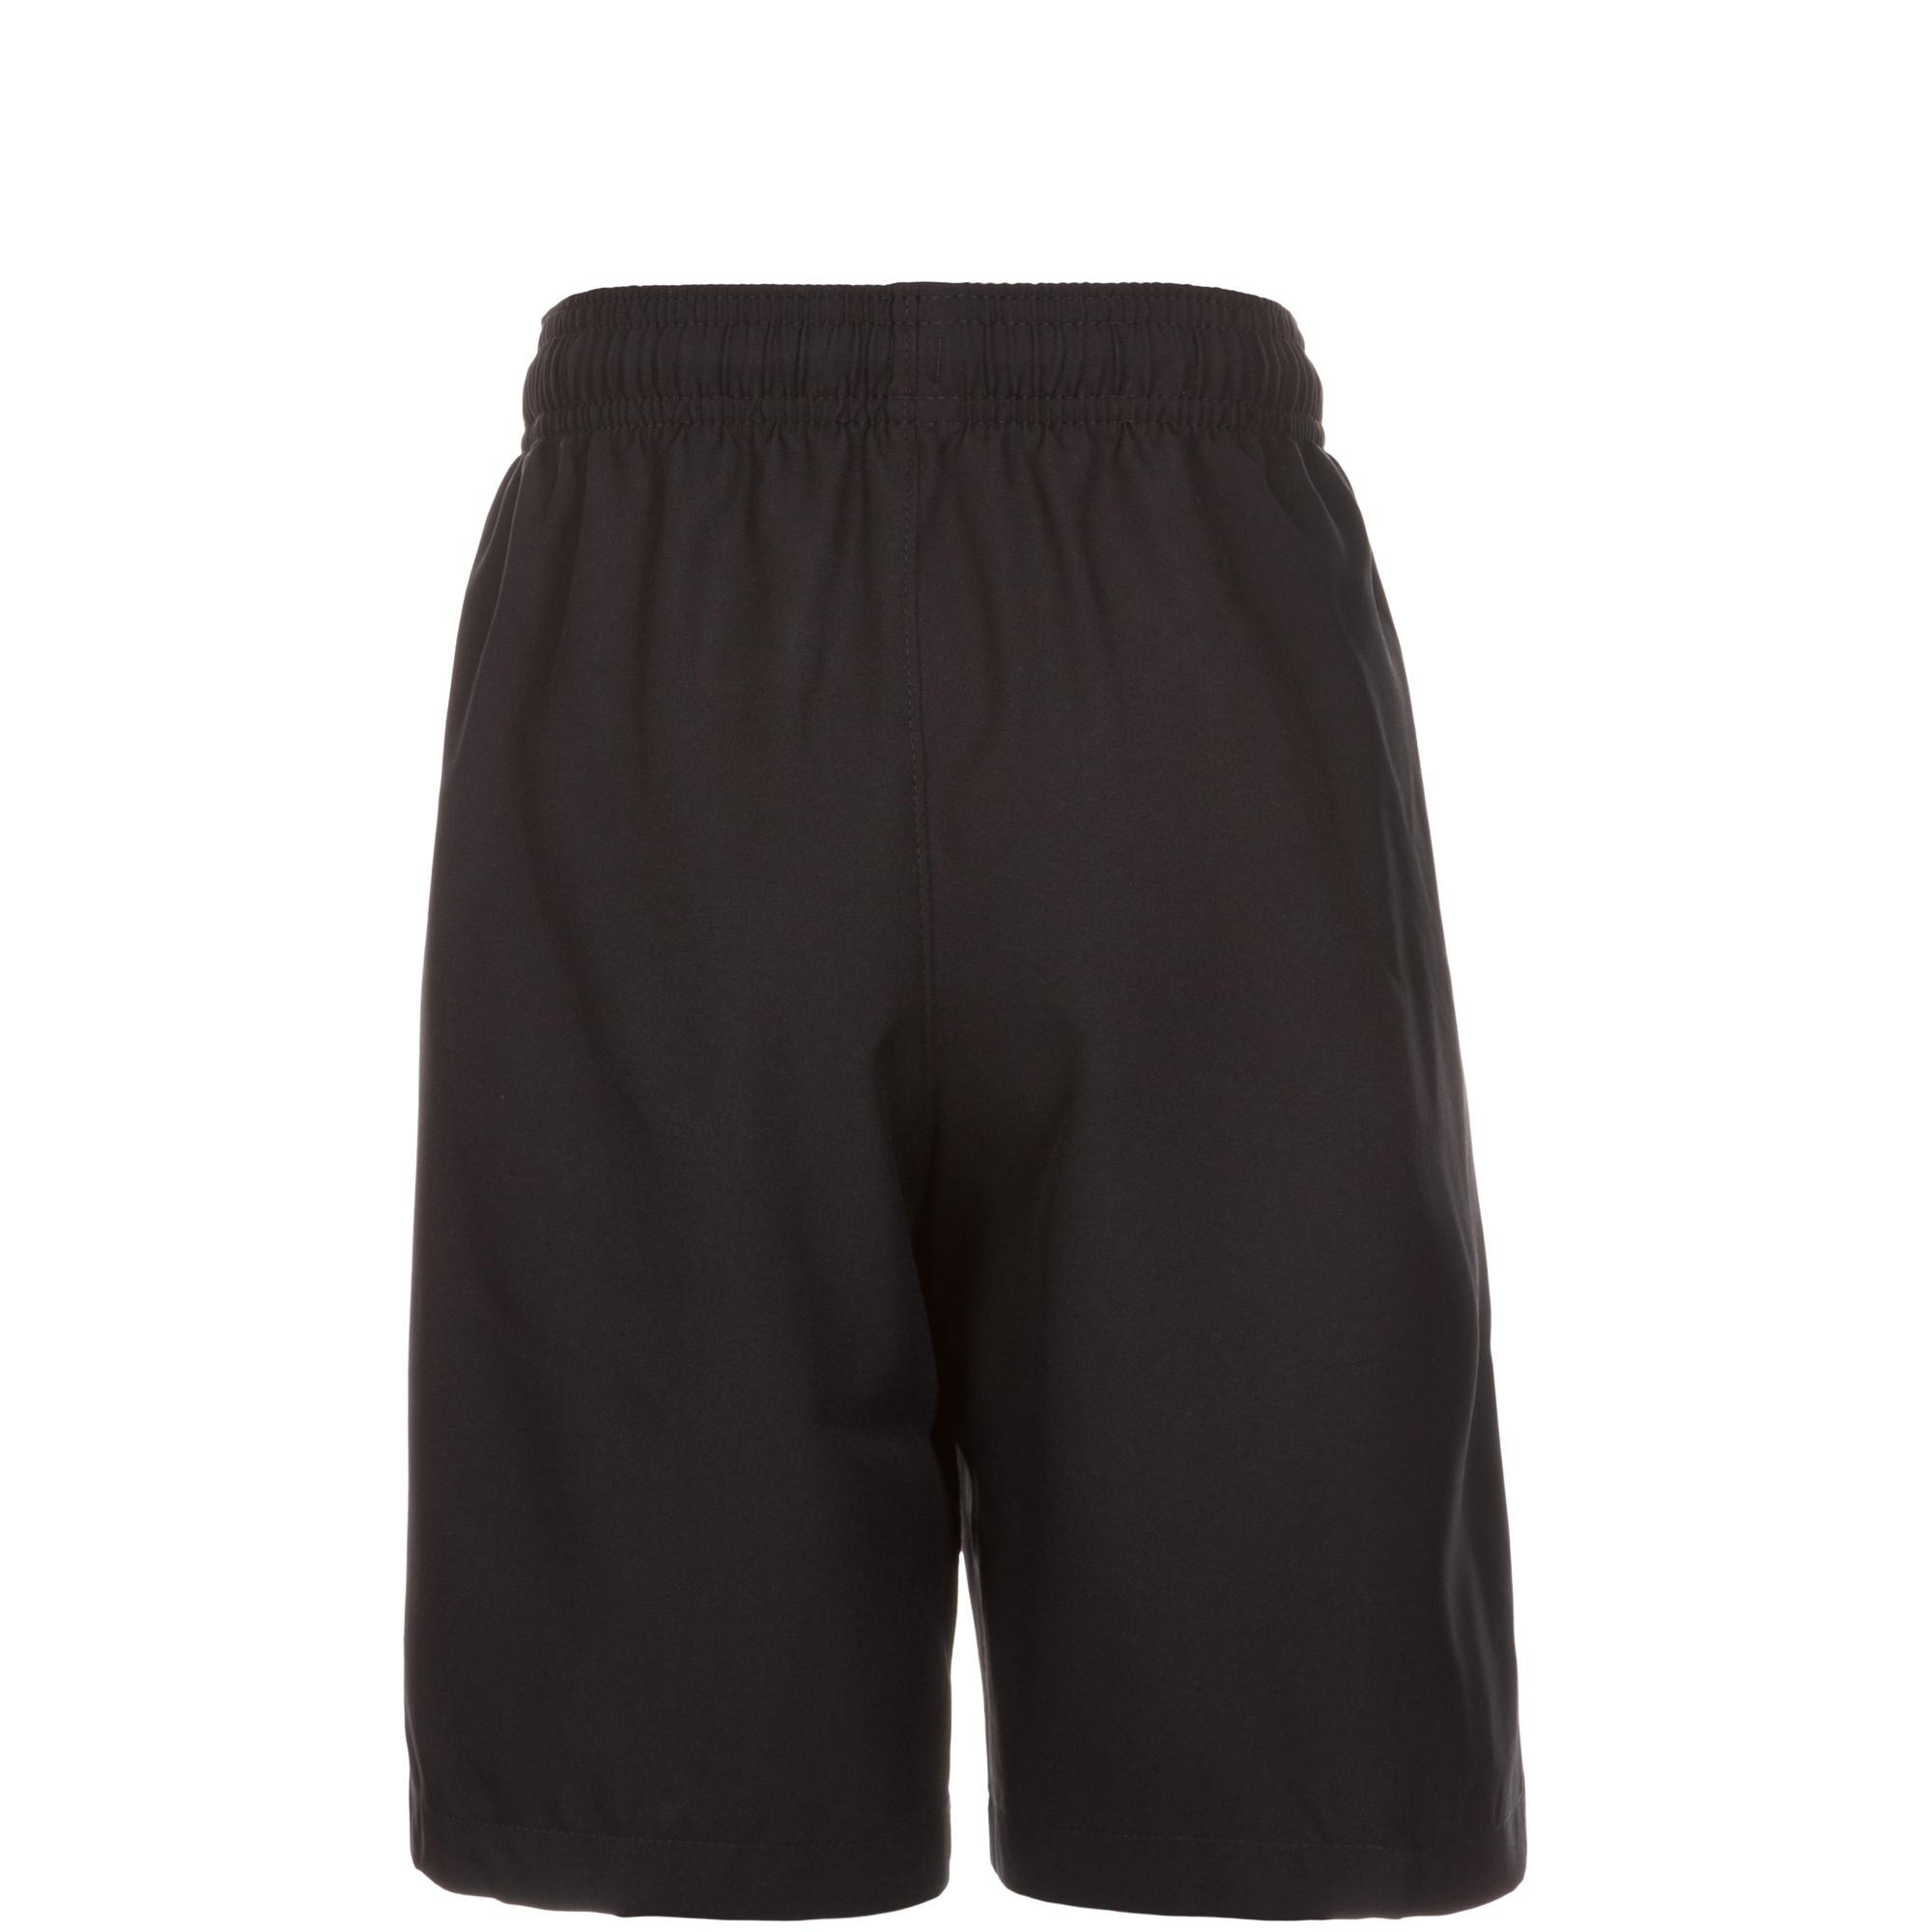 2016-2017 Barcelona Home Nike Goalkeeper Shorts (Black) - Kids  777018-010   - Uksoccershop 3c1150656